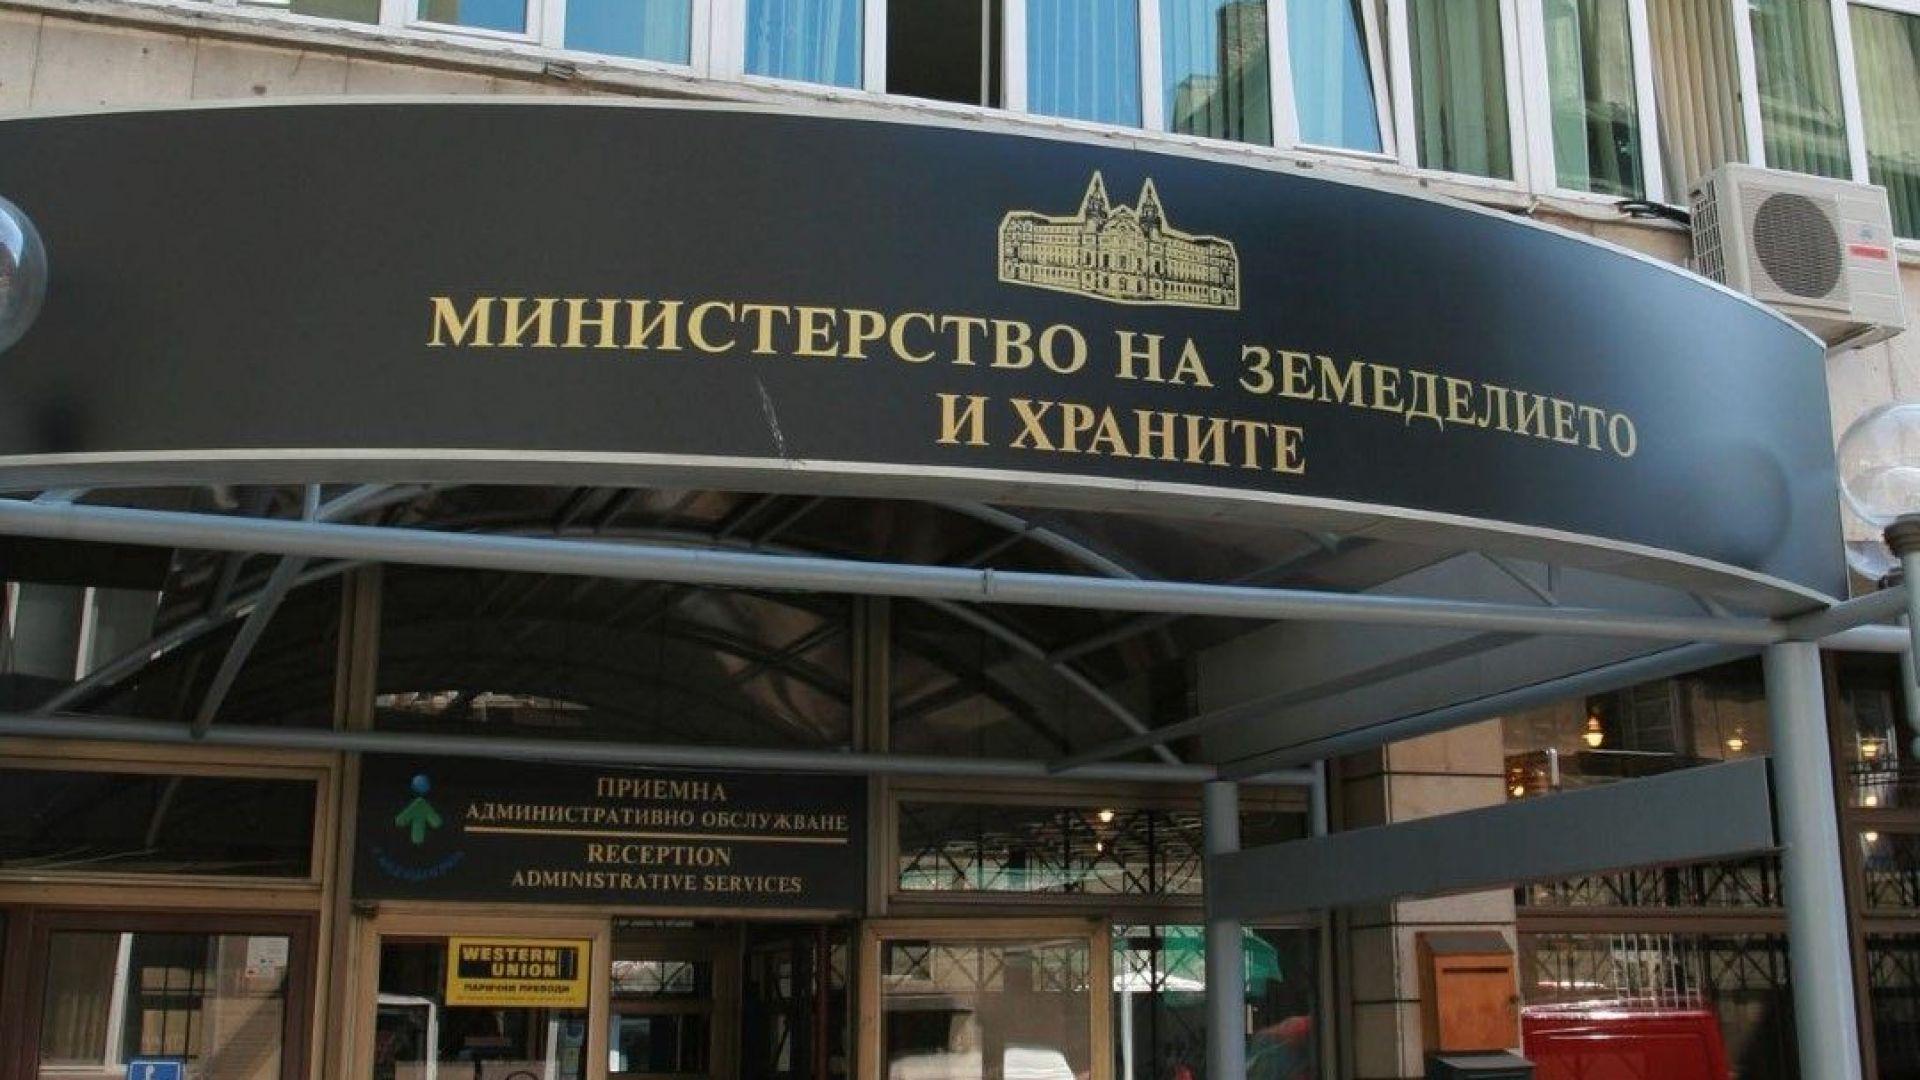 Прокурори от Върховна касационна прокуратура, съвместно със служители на Главна